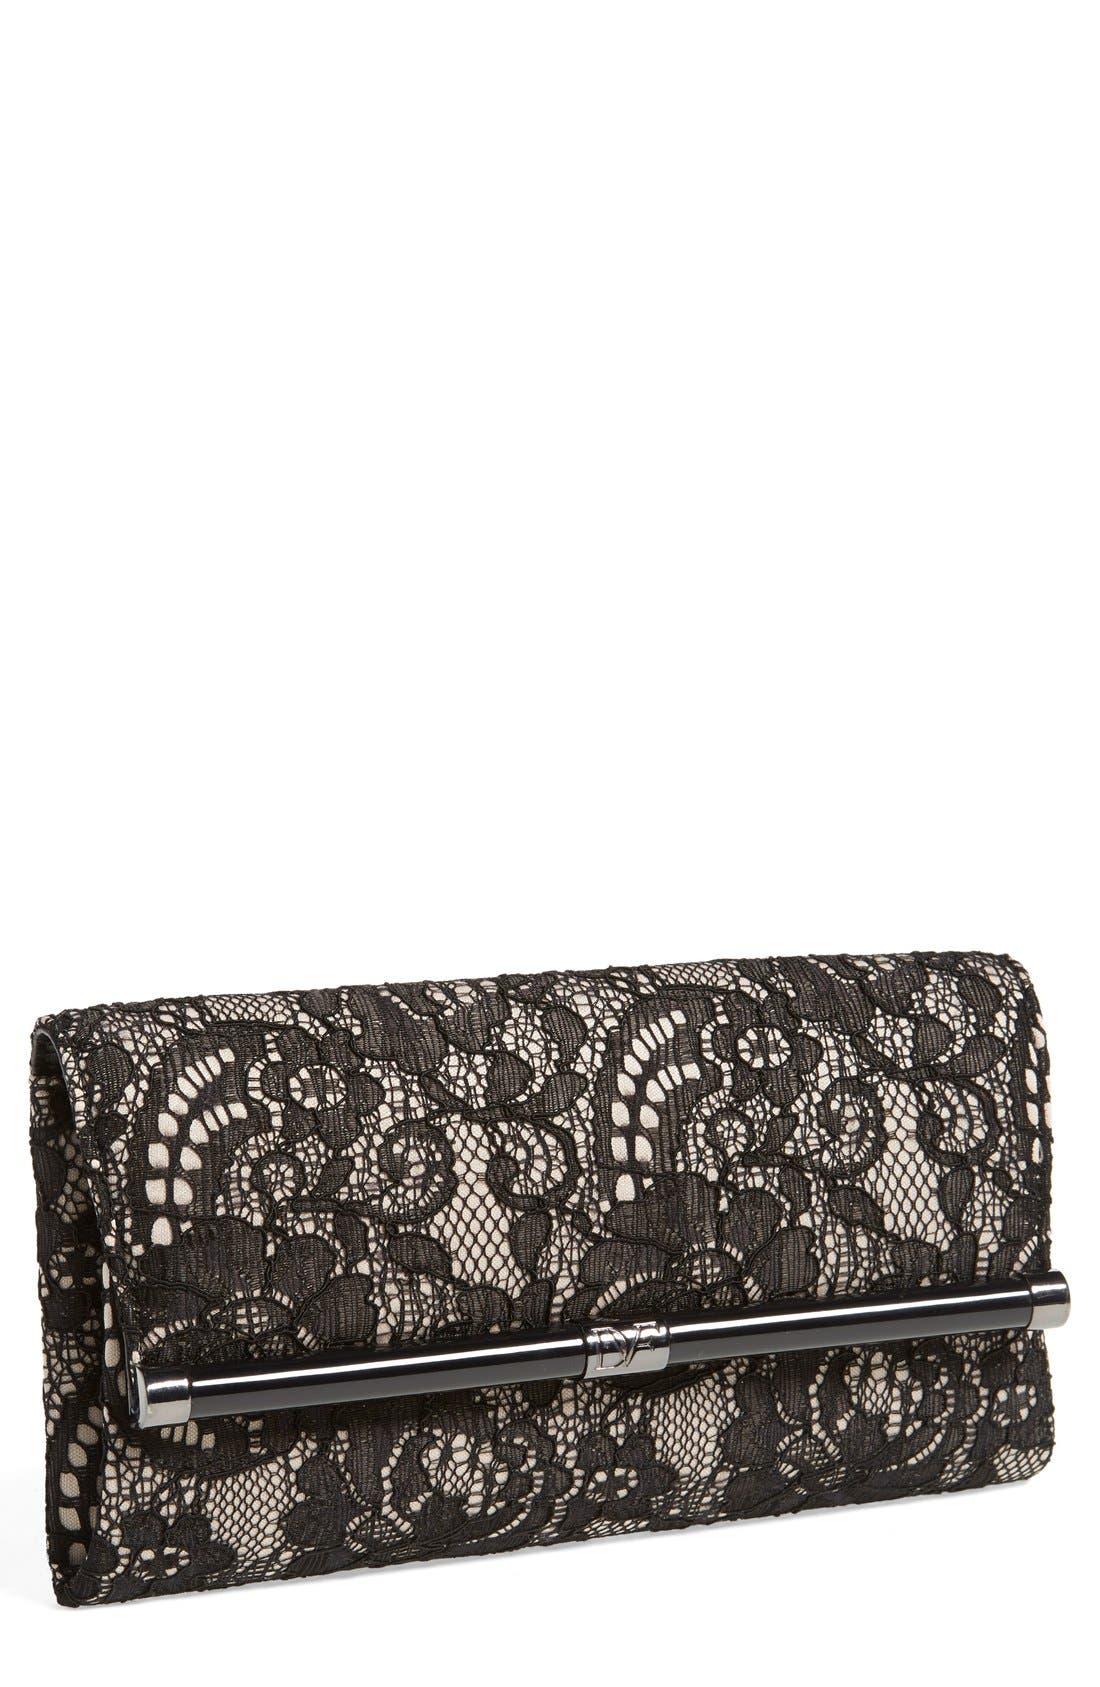 Main Image - Diane von Furstenberg '440 - Lace' Envelope Clutch